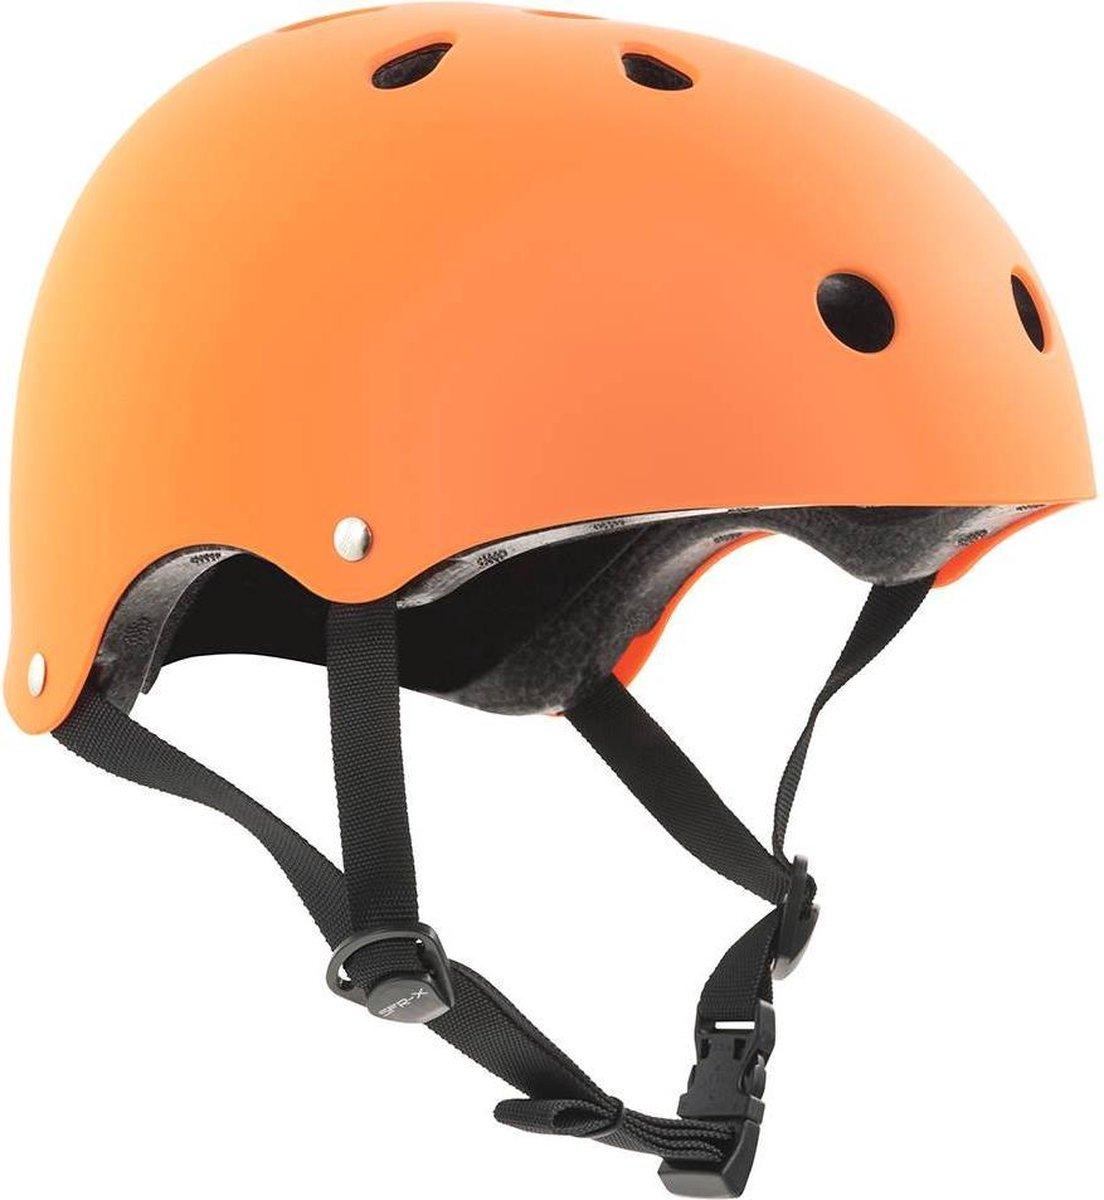 SFR SFR Essentials Skate/BMX Sporthelm - Unisex - oranje